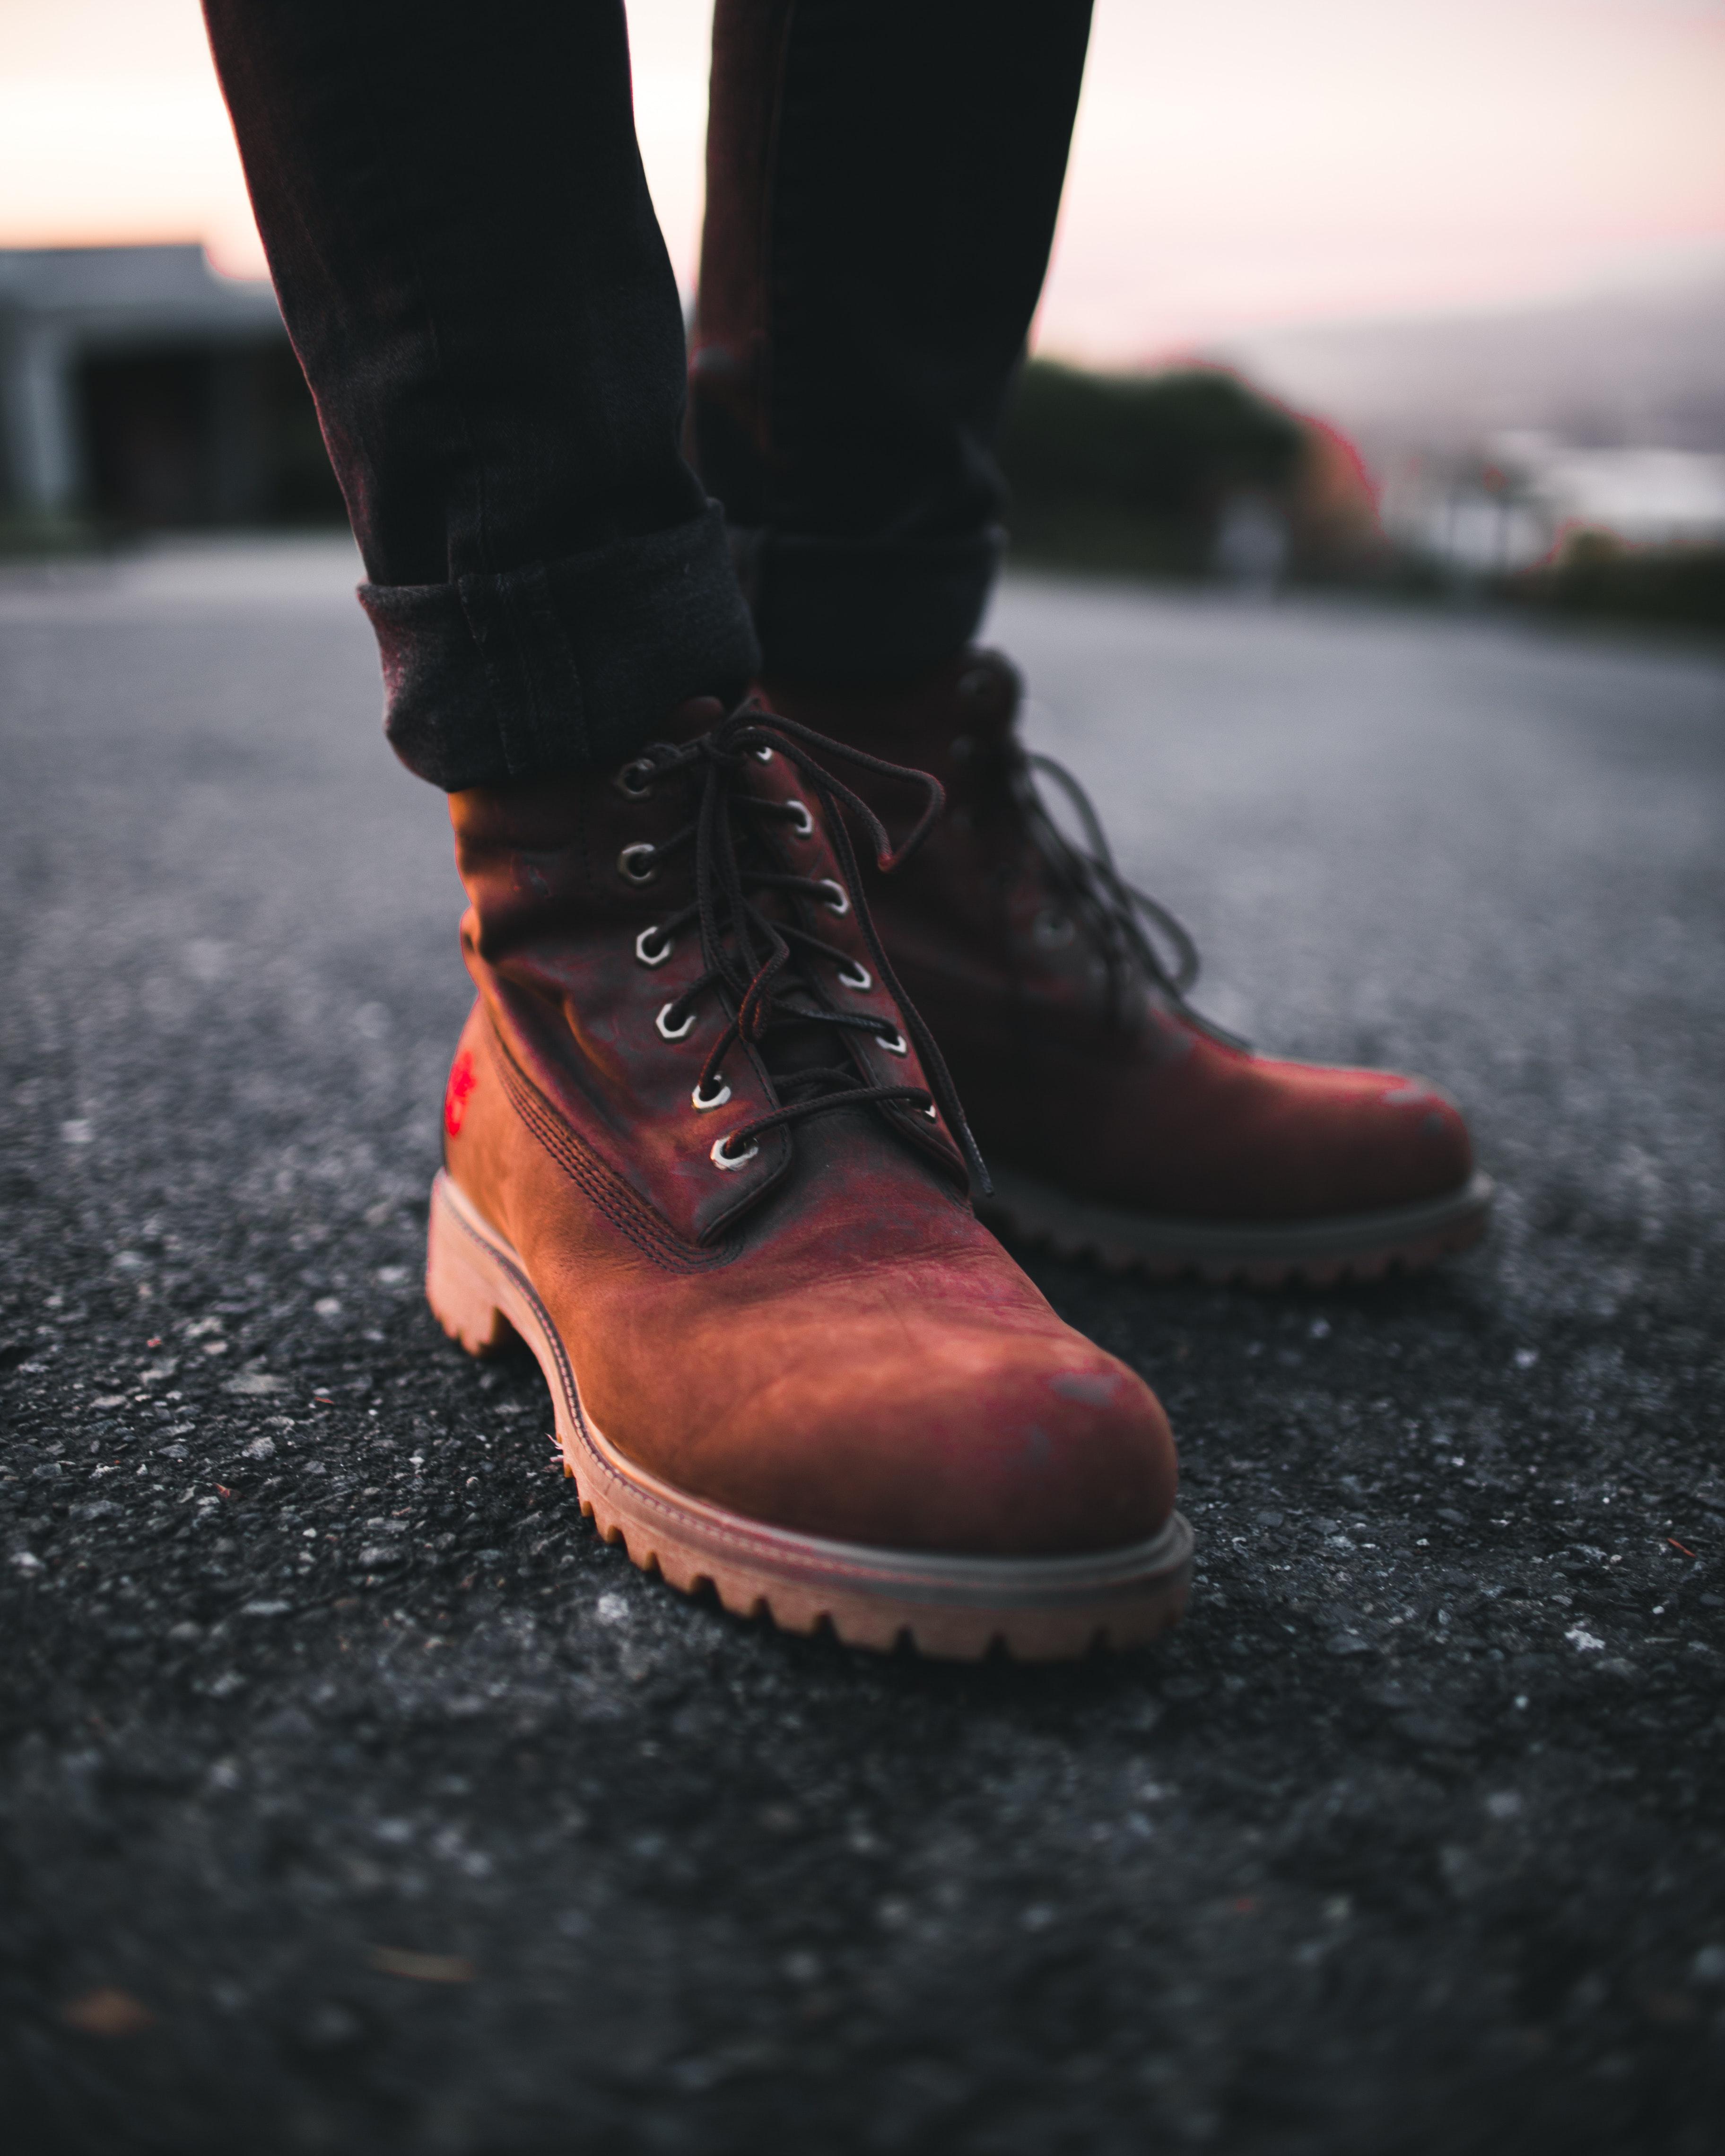 84058e14567a voksen eventyr sløring bokeh støvle Brun klassisk tæt på beton mode fødder  fodtøj jord mand udendørs